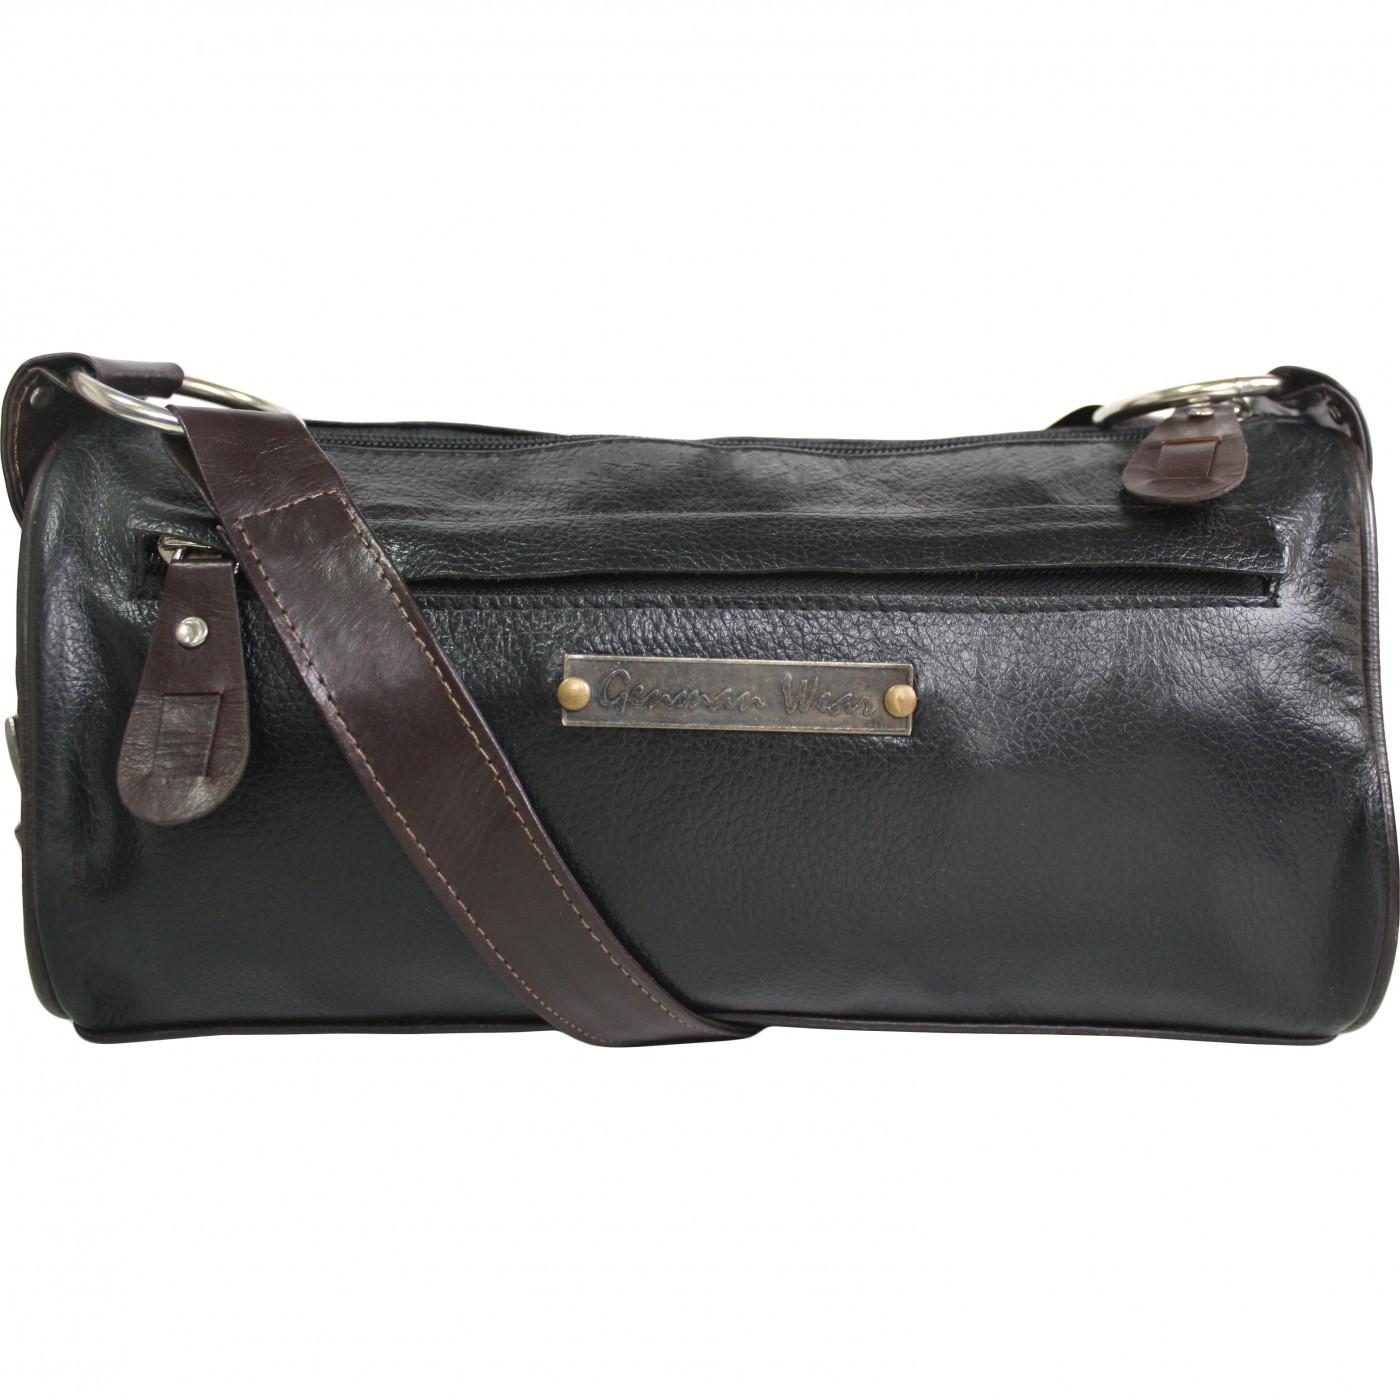 damen clutches lederhandtasche ledertasche handtasche tasche tragetasche braun schwarz. Black Bedroom Furniture Sets. Home Design Ideas